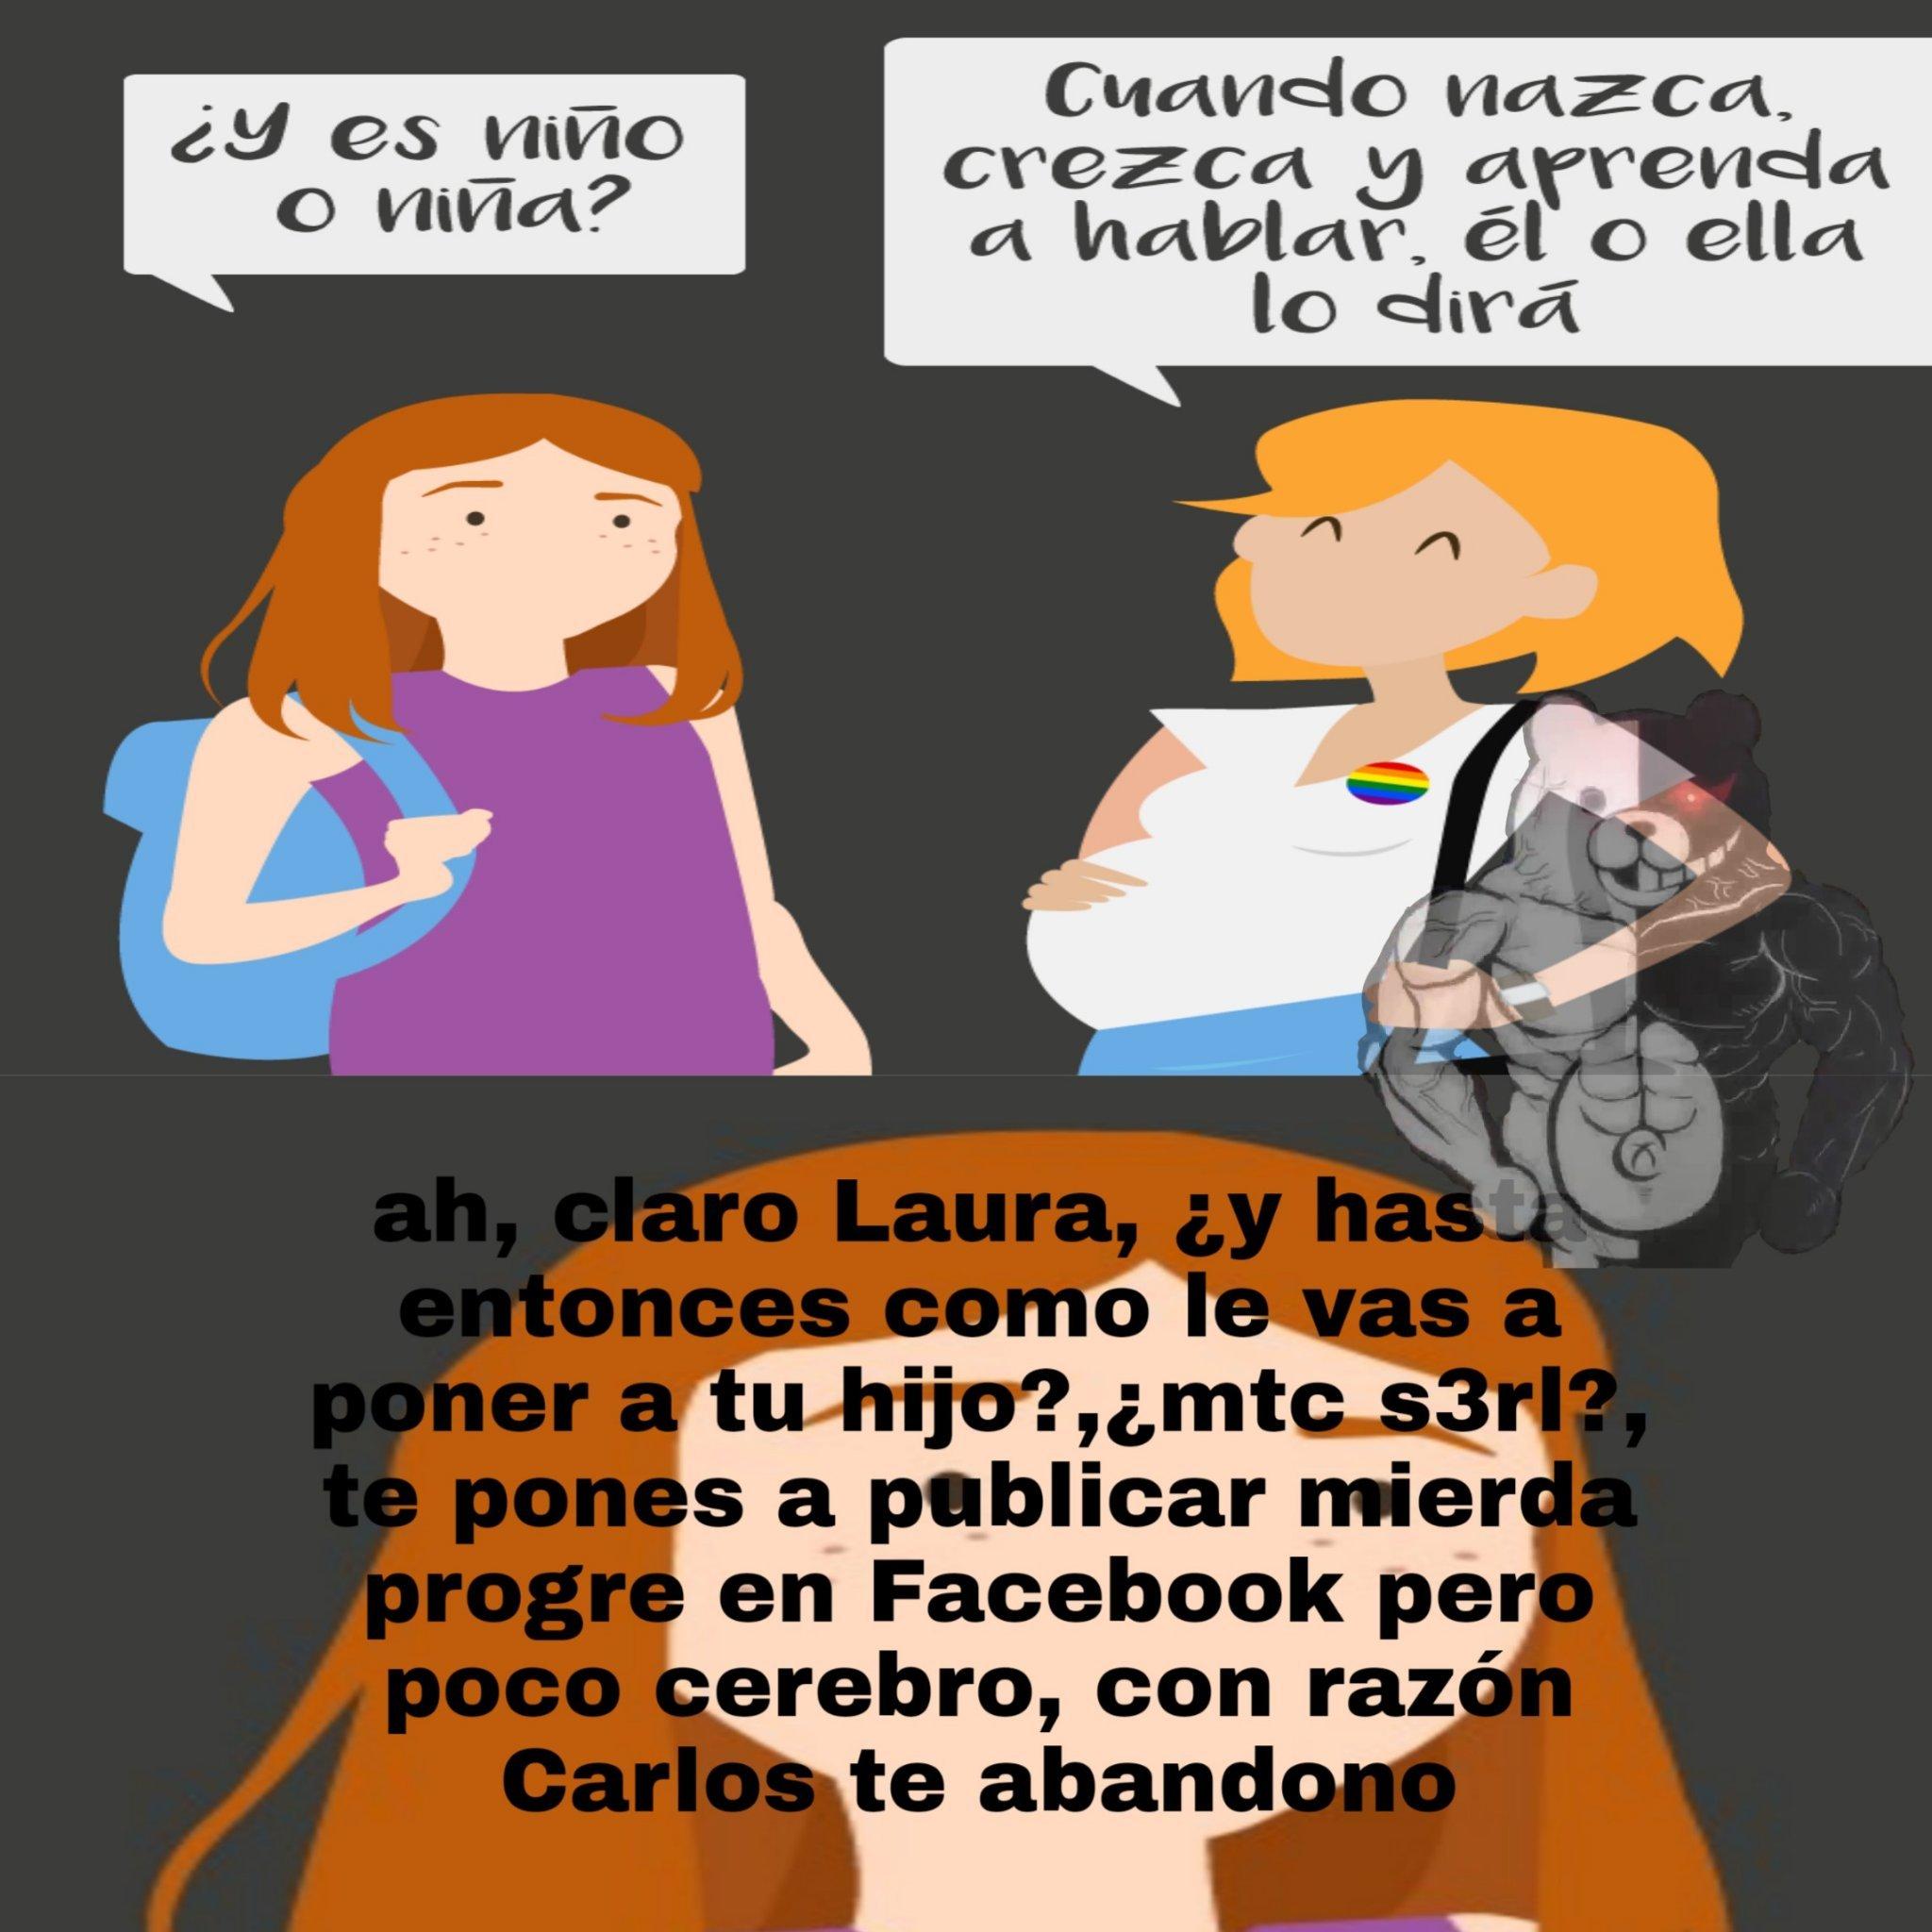 Ademas de feminista, a favor de el lgtb - meme